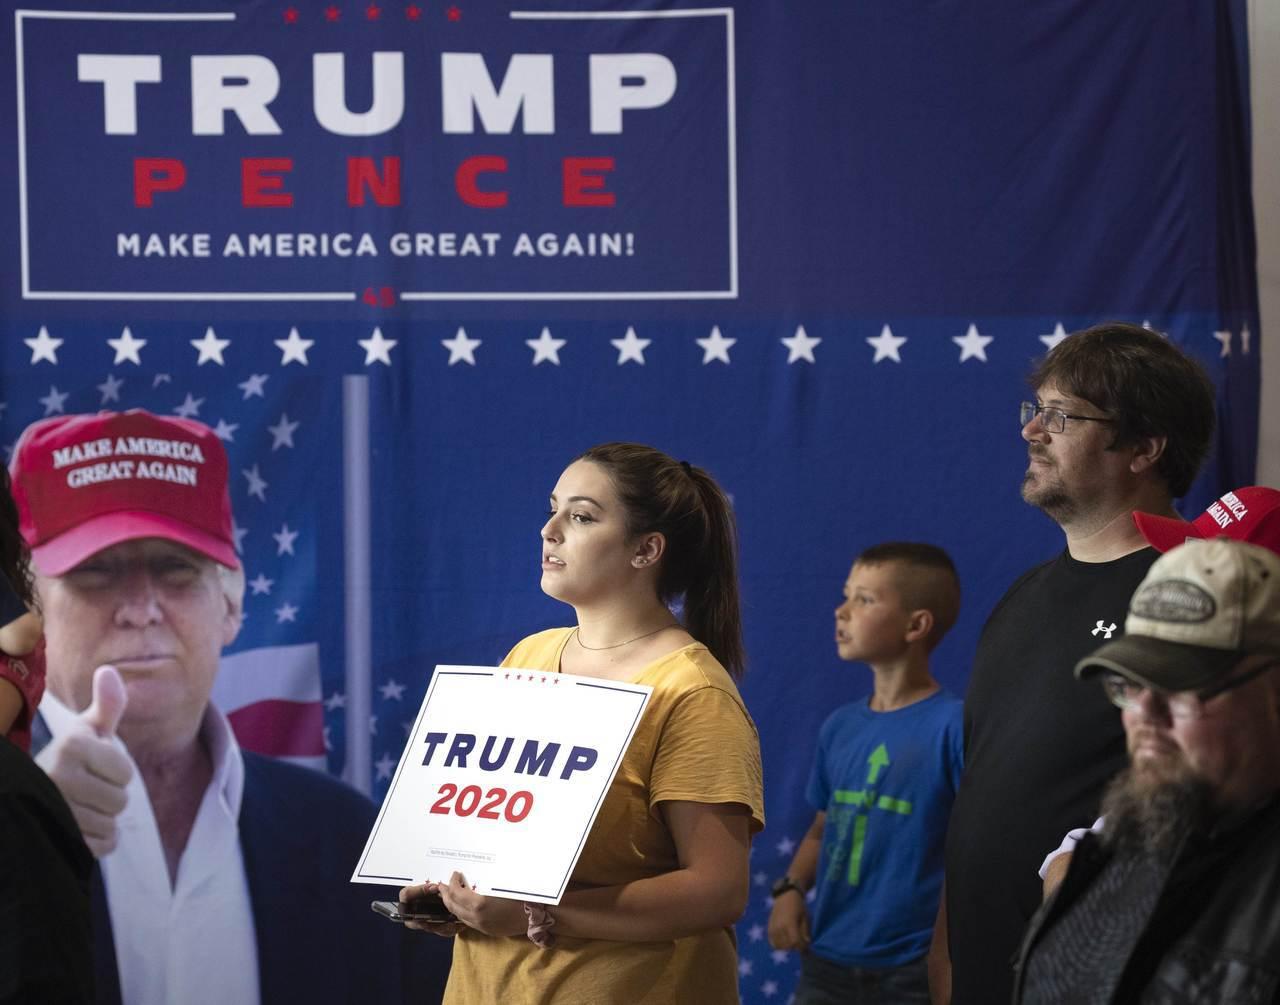 川普競選連任改打傳統選戰,鞏固基本盤是關鍵,確保選民投票最重要。 法新社